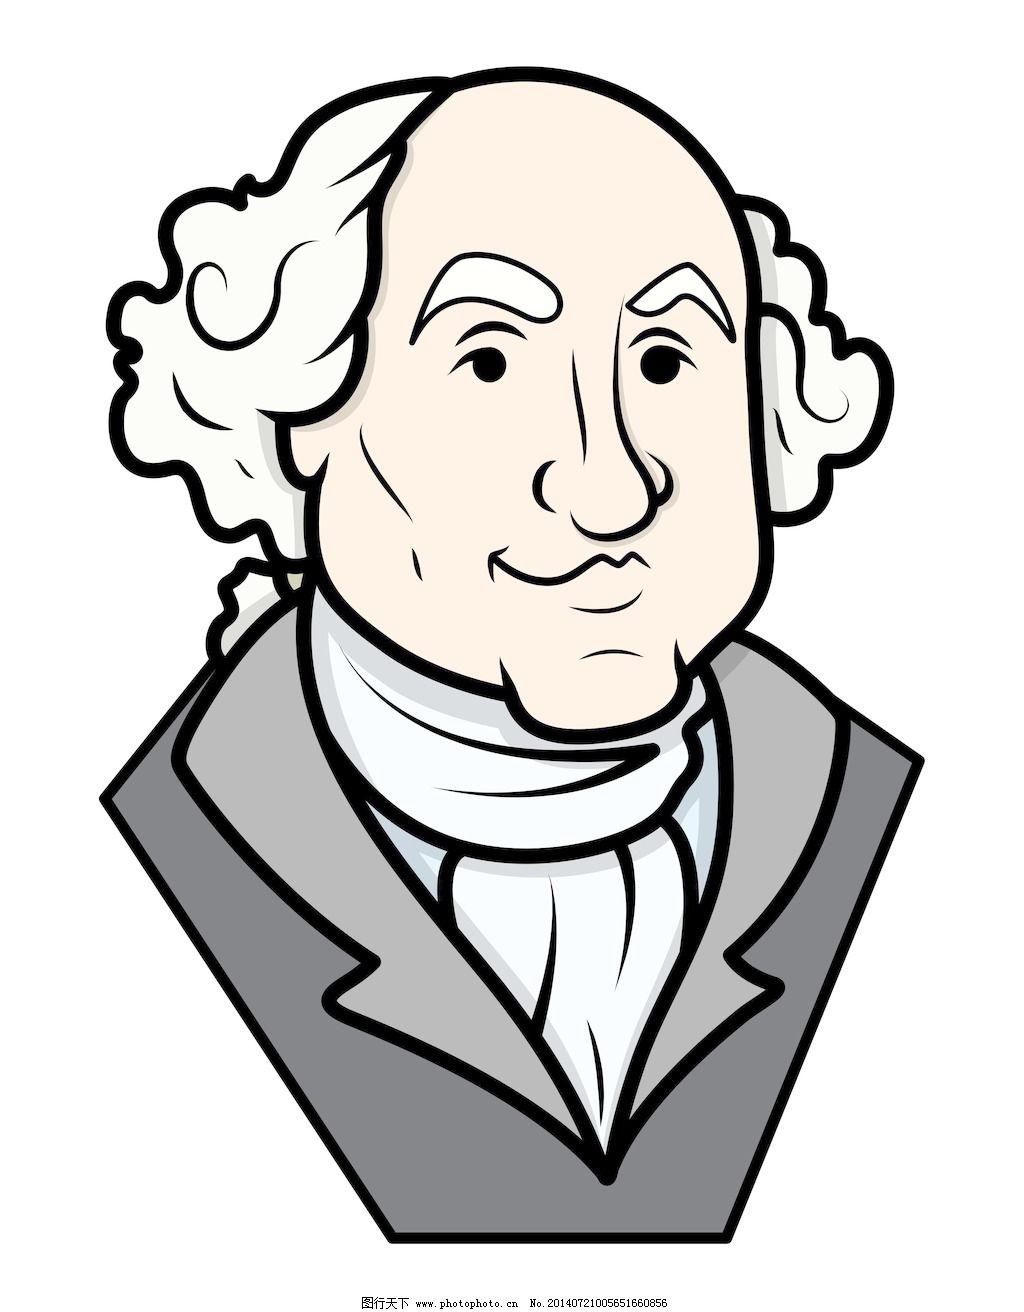 华盛顿 乔治/乔治华盛顿矢量剪贴画